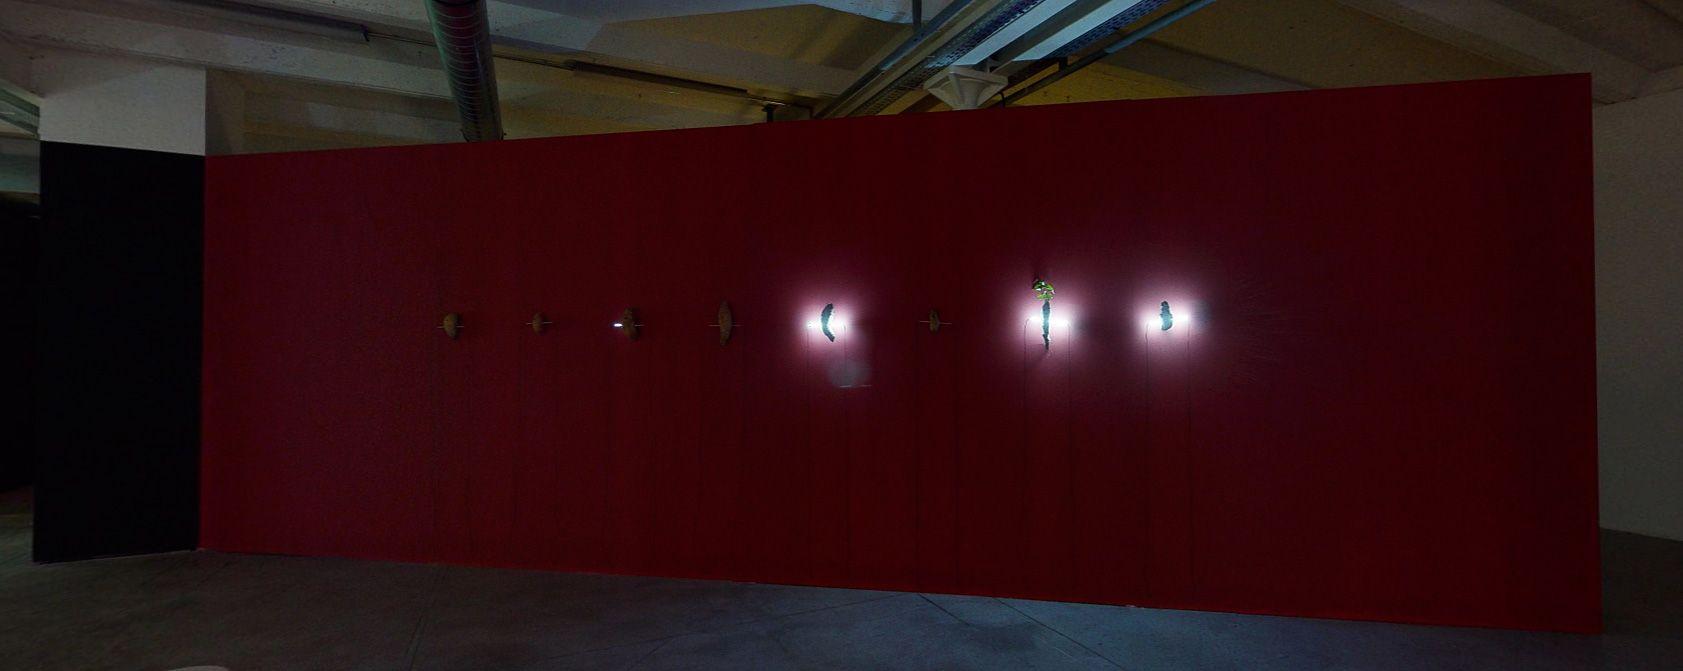 Chuang Chih-Wei -Infection Series; Commensalism, 2019 - Biennale Chroniques 2020 - Éternité part 2 - Friche la Belle de Mai